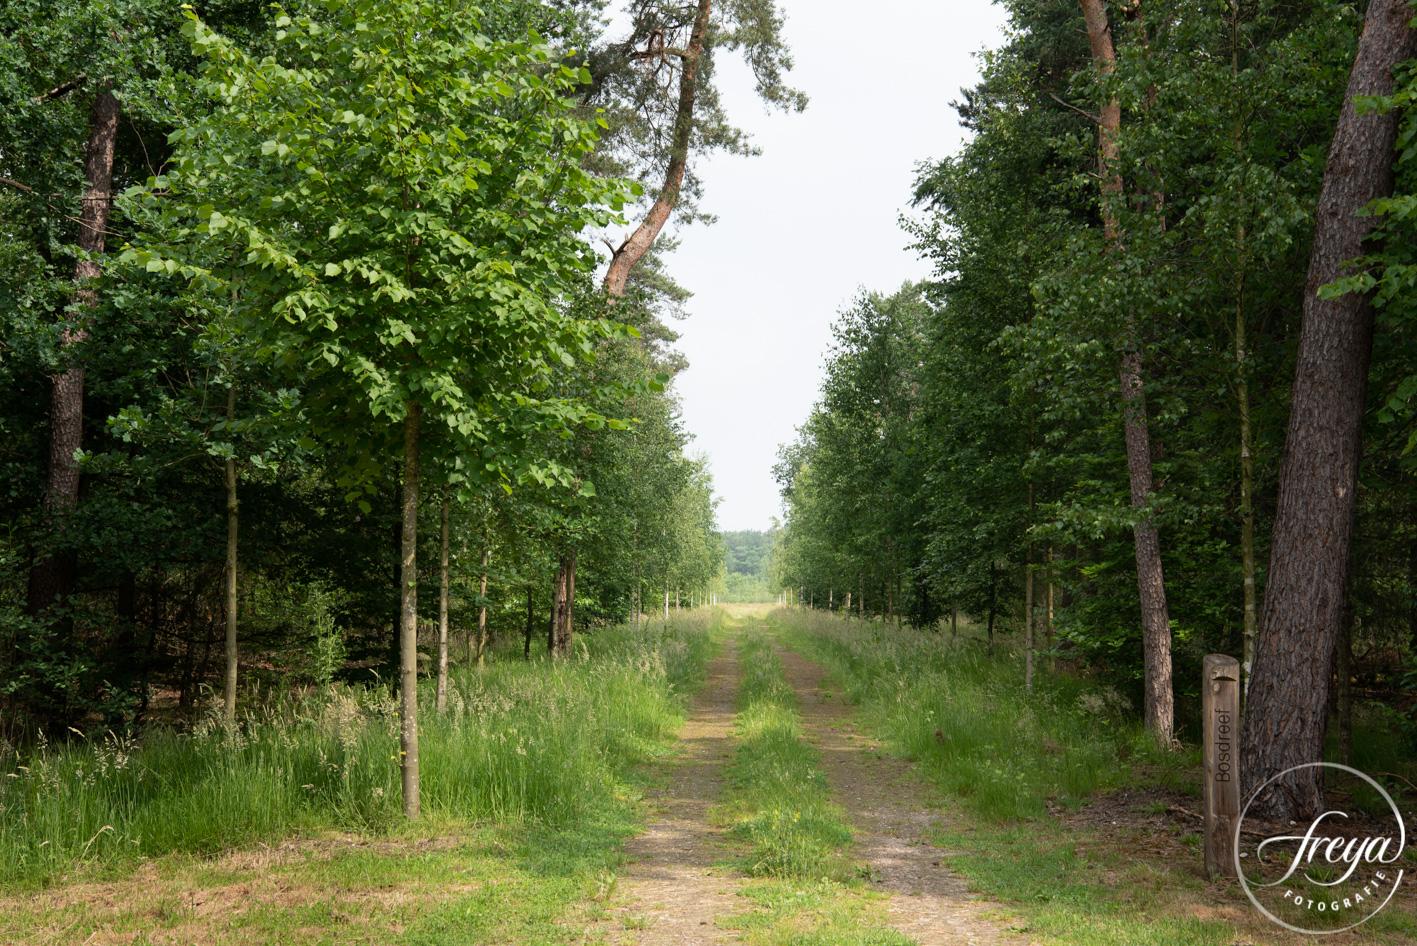 Natuurbegraafplaats Maashorst te Schaik - de paden hebben namen